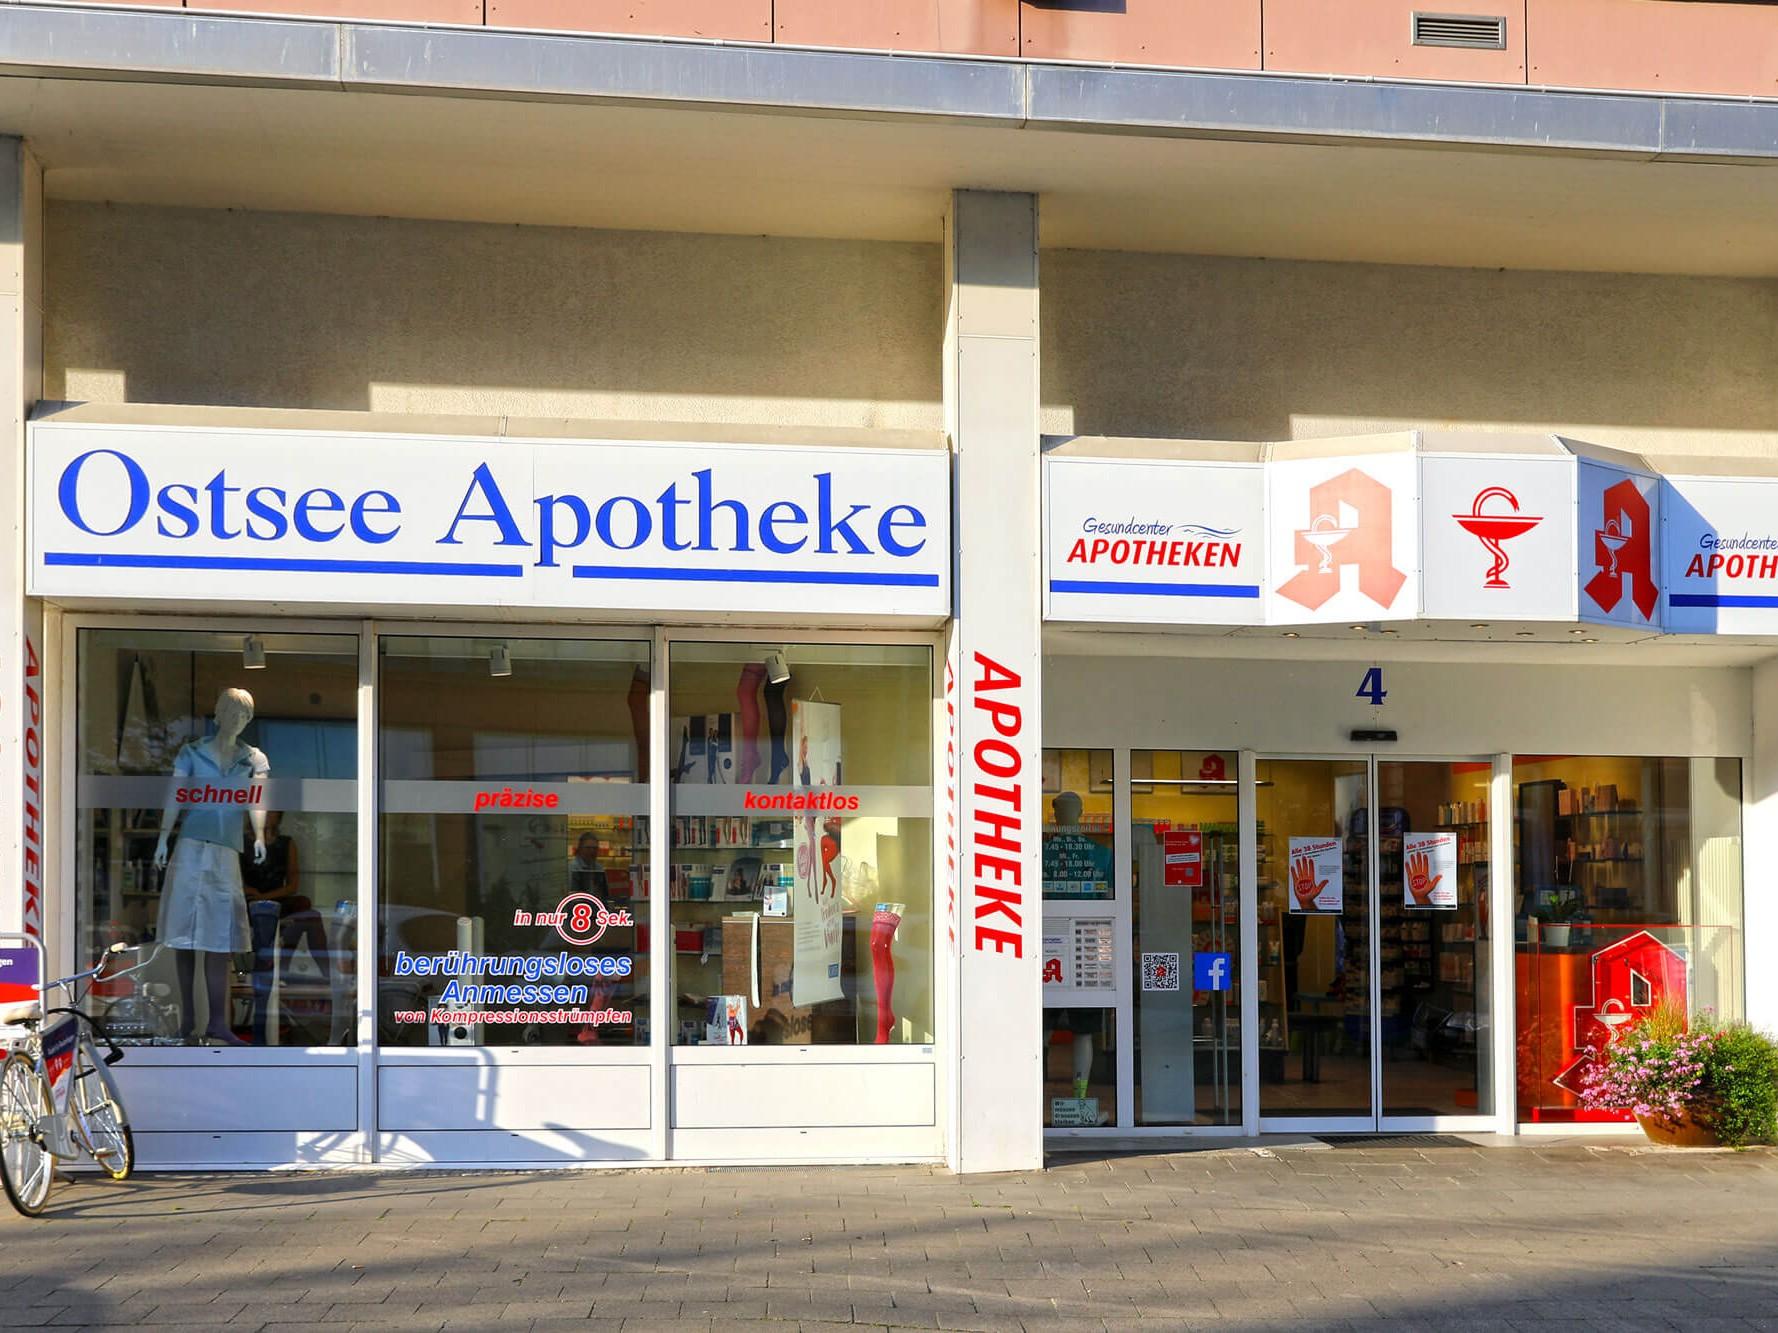 Aussenansicht der Ostsee Apotheke in Rostock Reutershagen